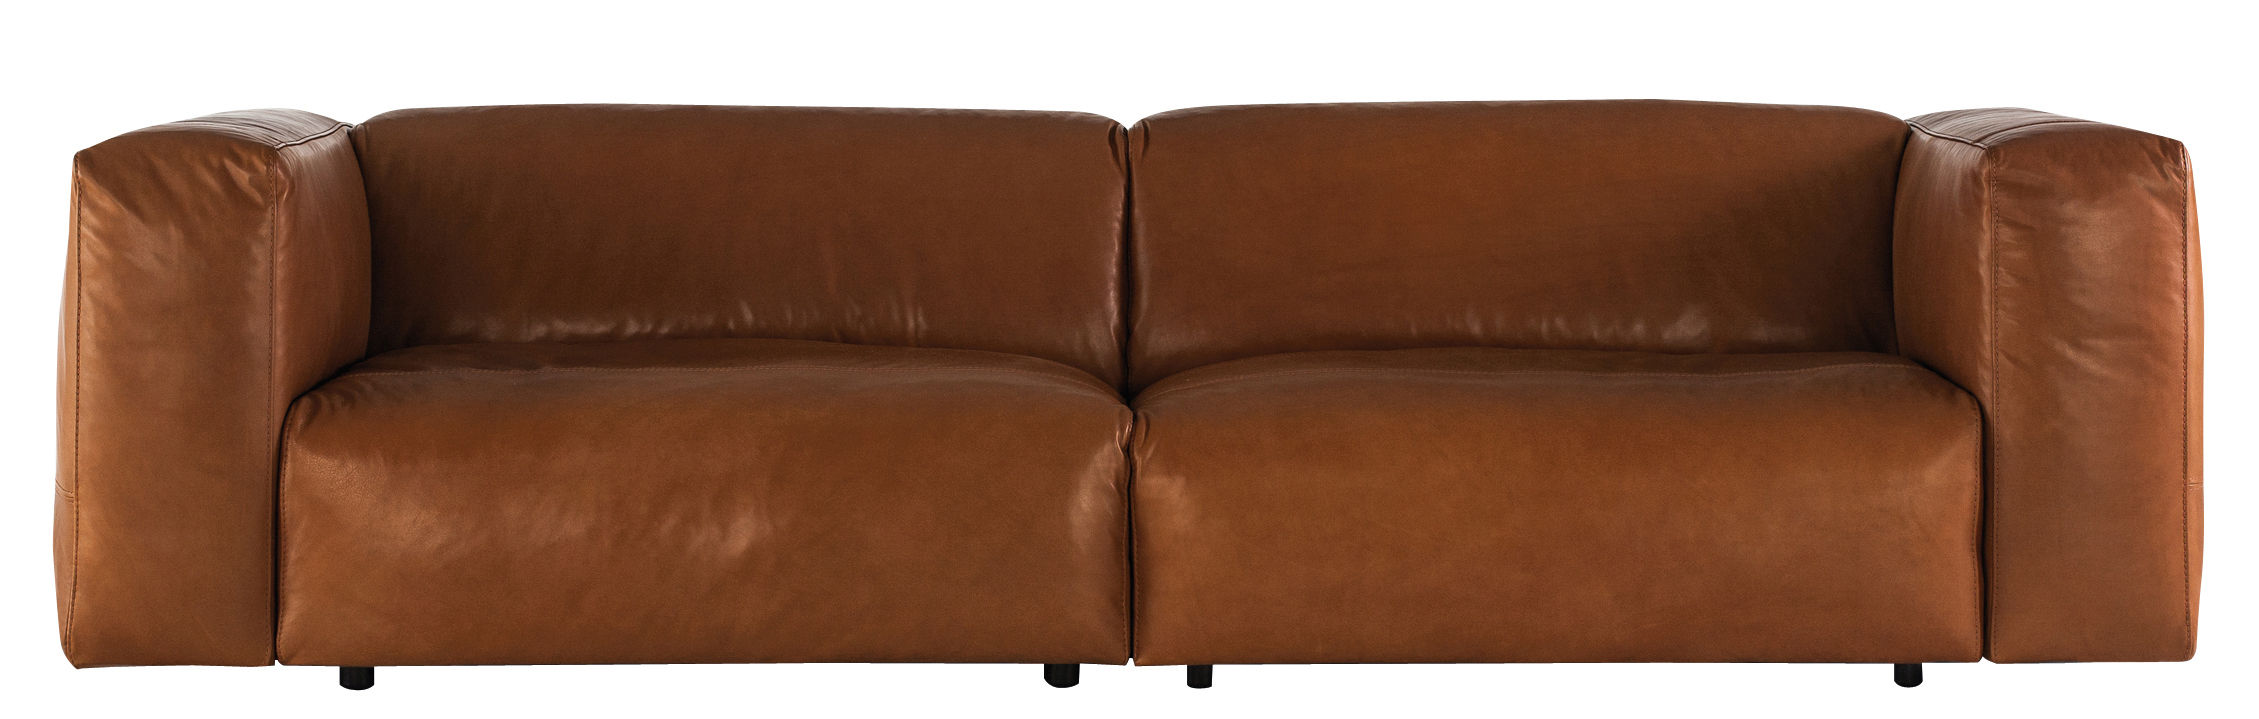 canapé droit cloud / 2 places - l 220 cm cuir marron - prostoria ltd